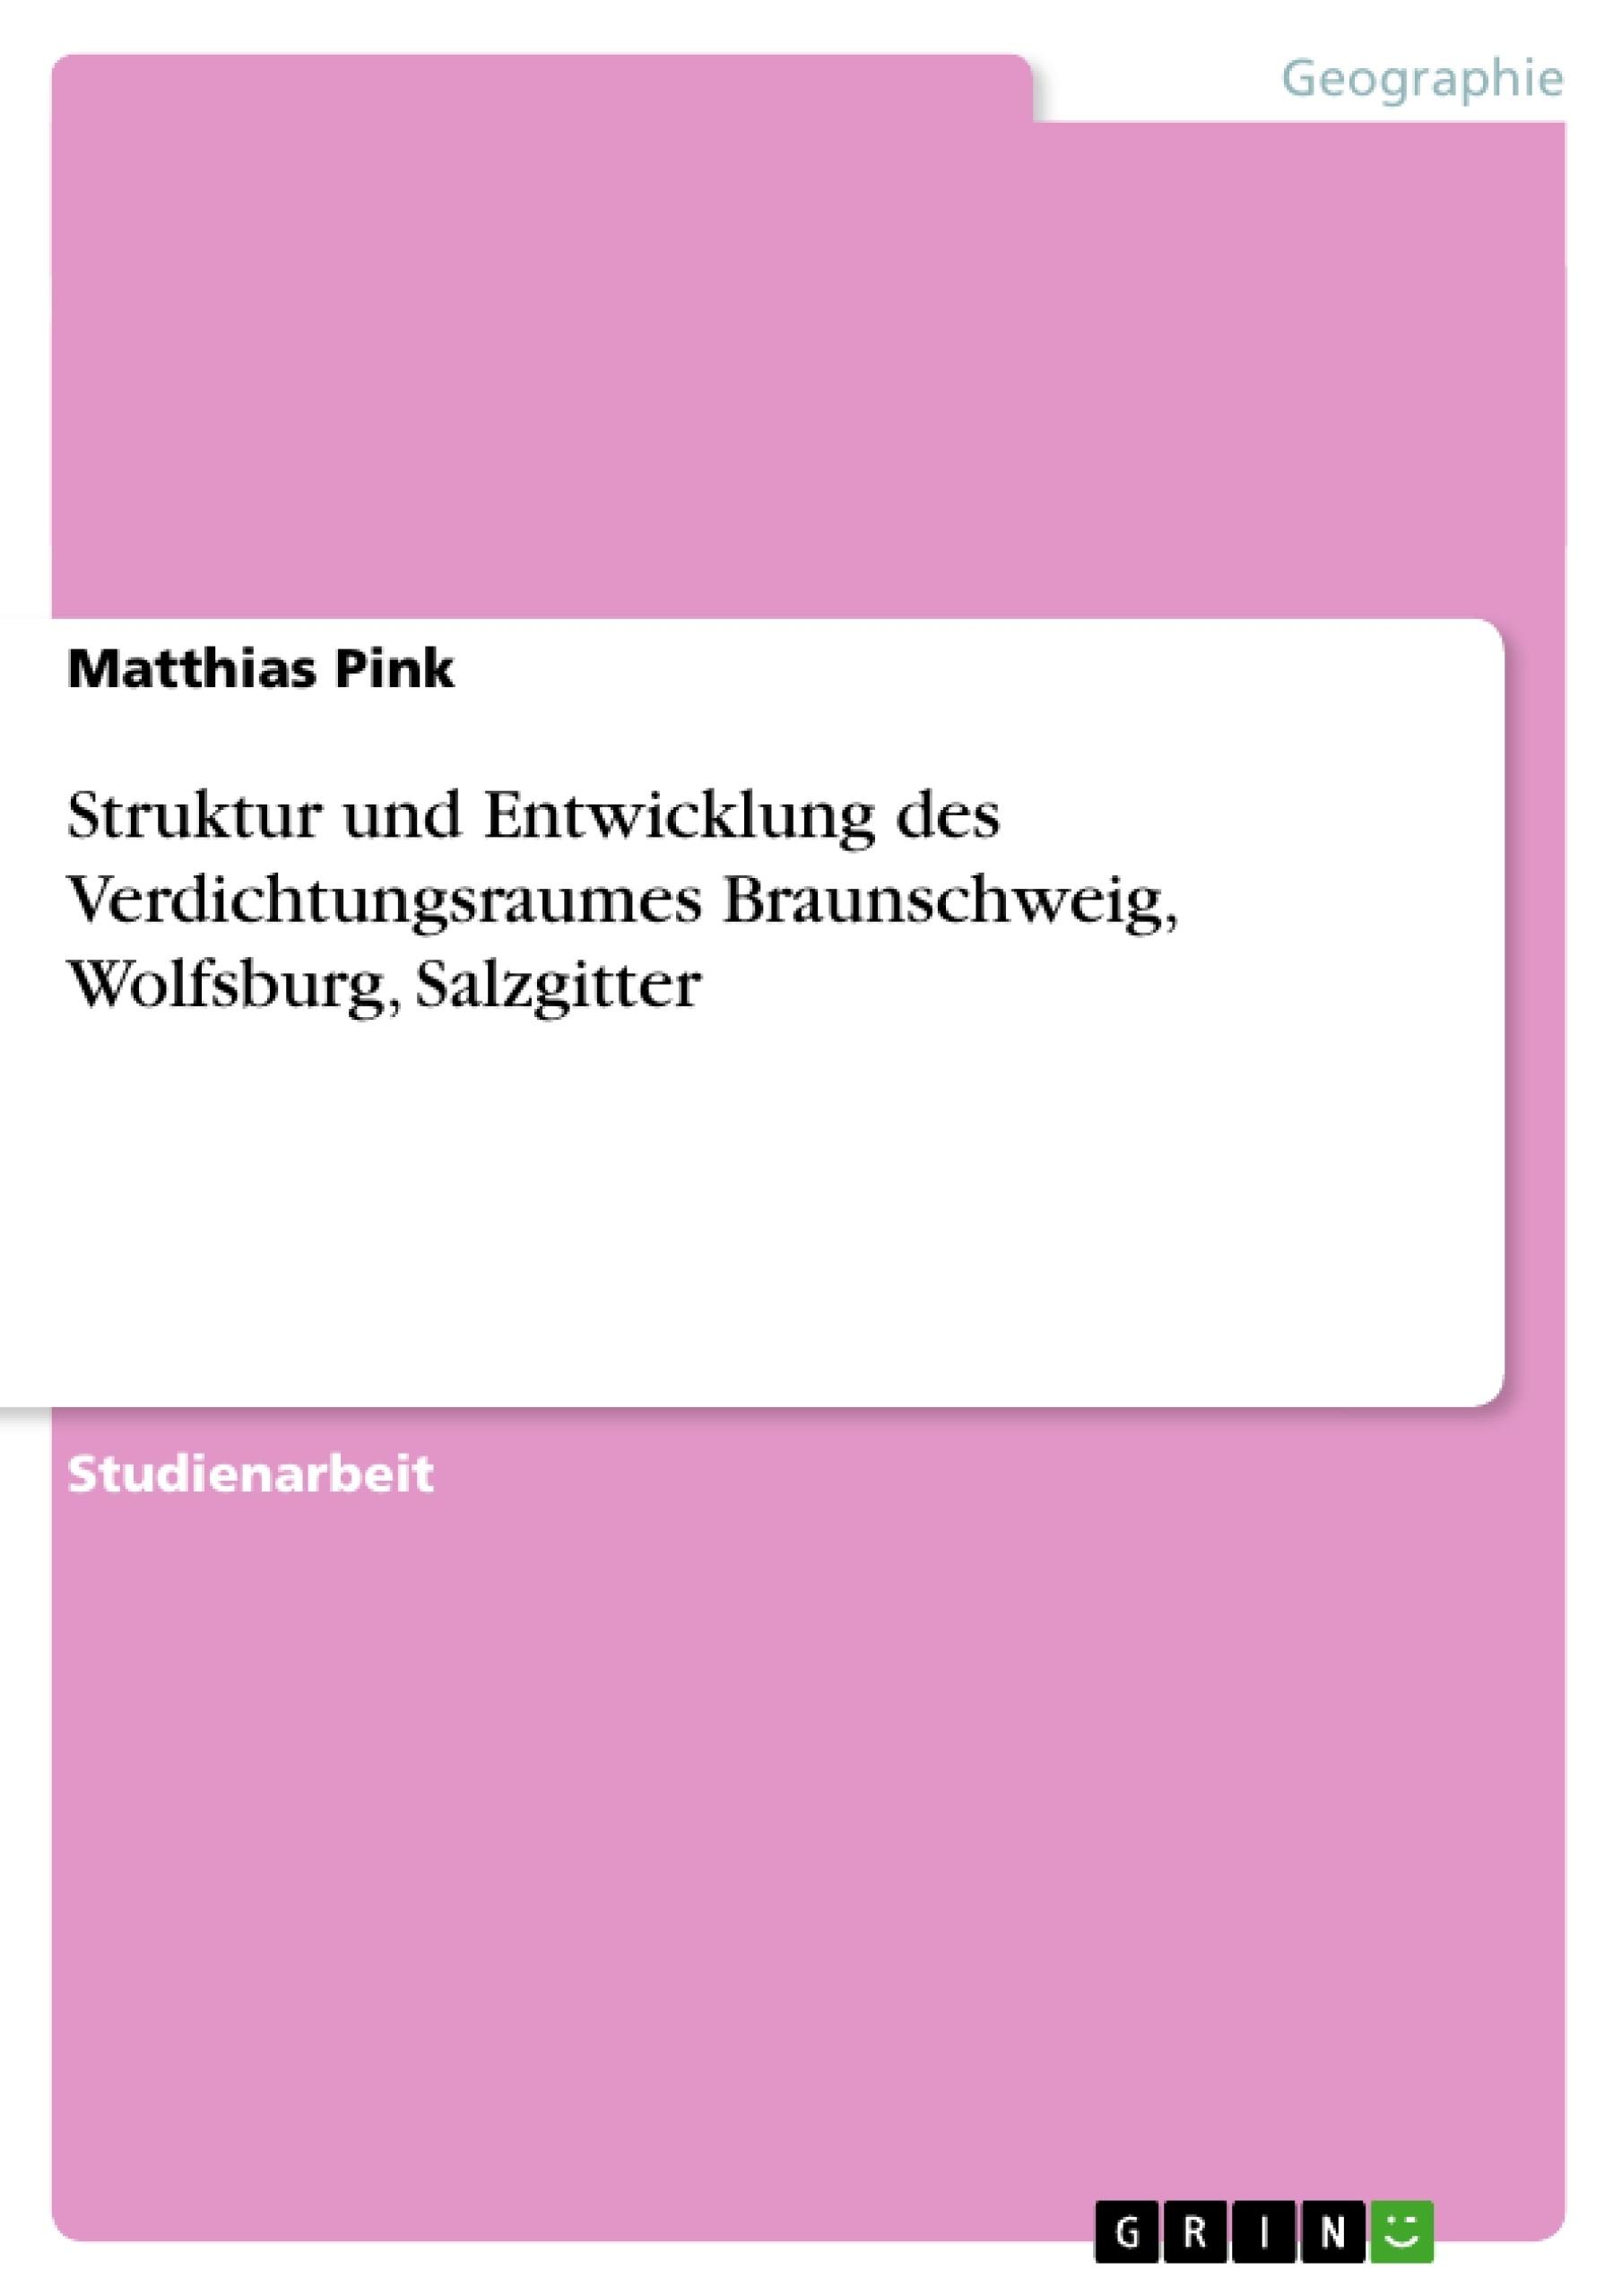 Titel: Struktur und Entwicklung des Verdichtungsraumes Braunschweig, Wolfsburg, Salzgitter